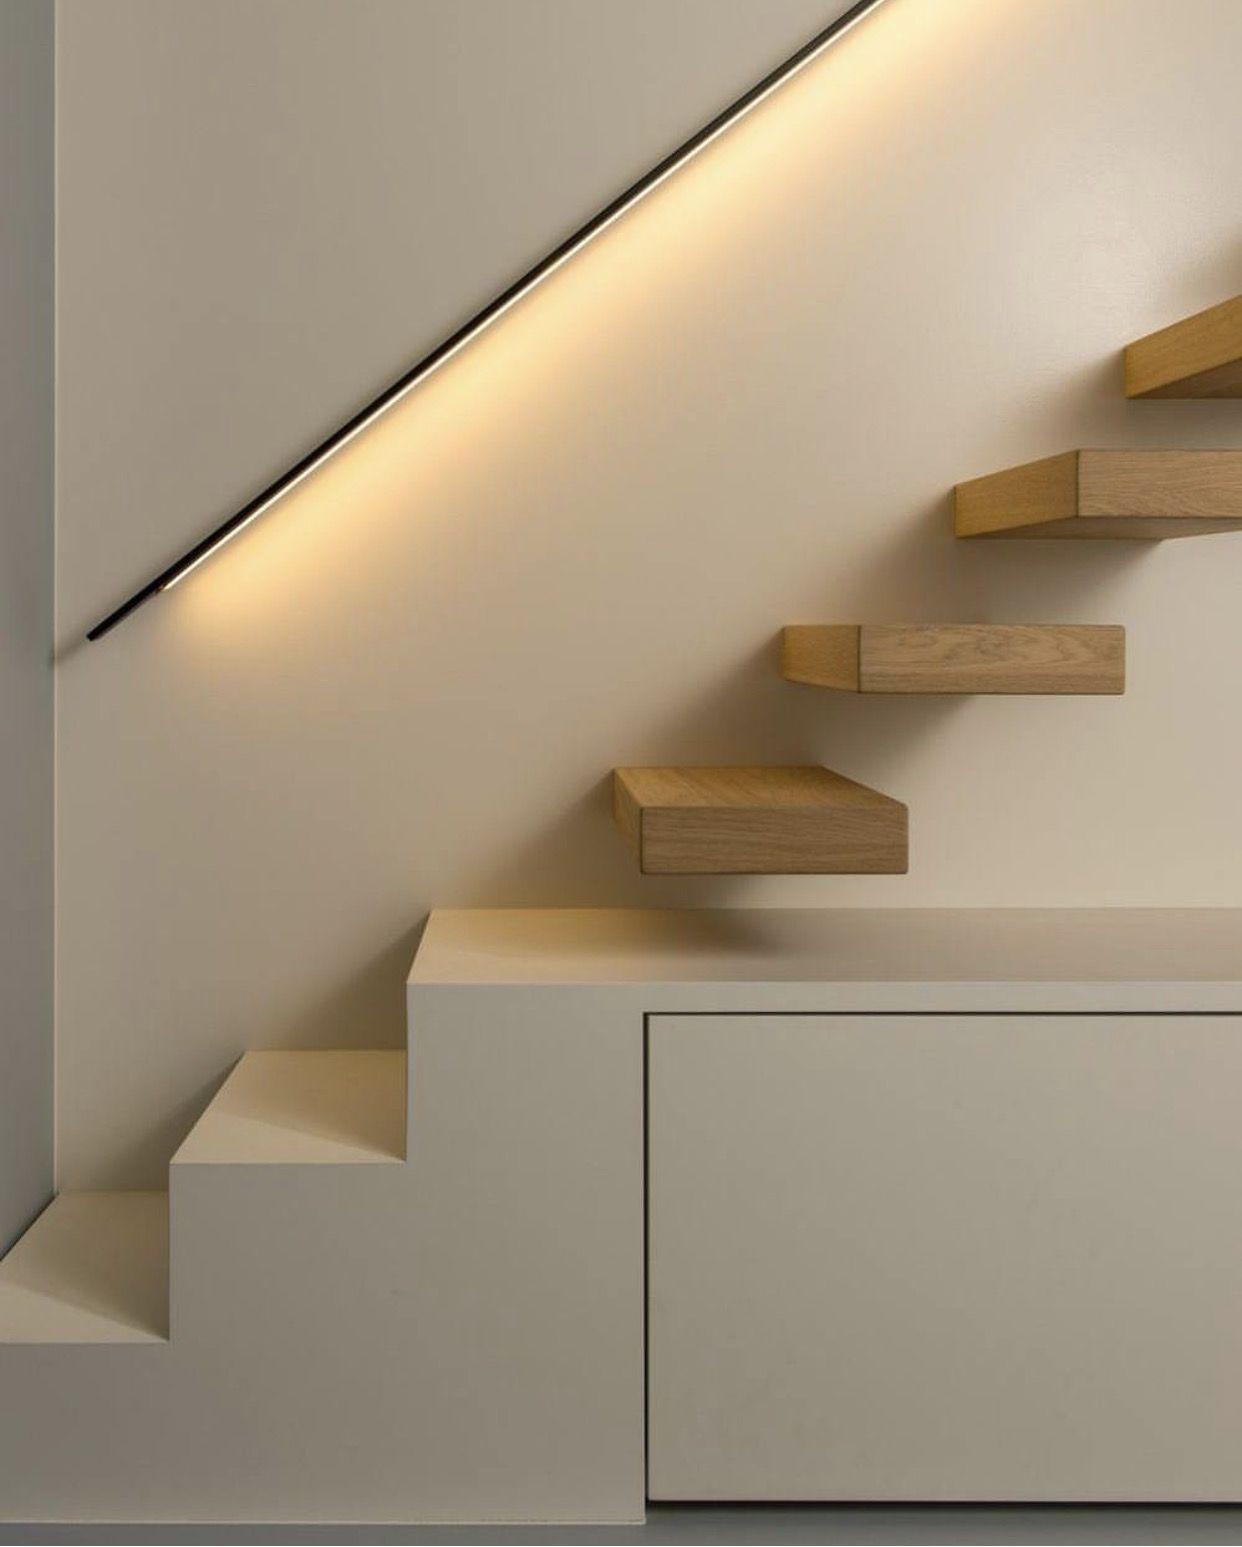 Escalier avec rangements et main courante éclairée ...